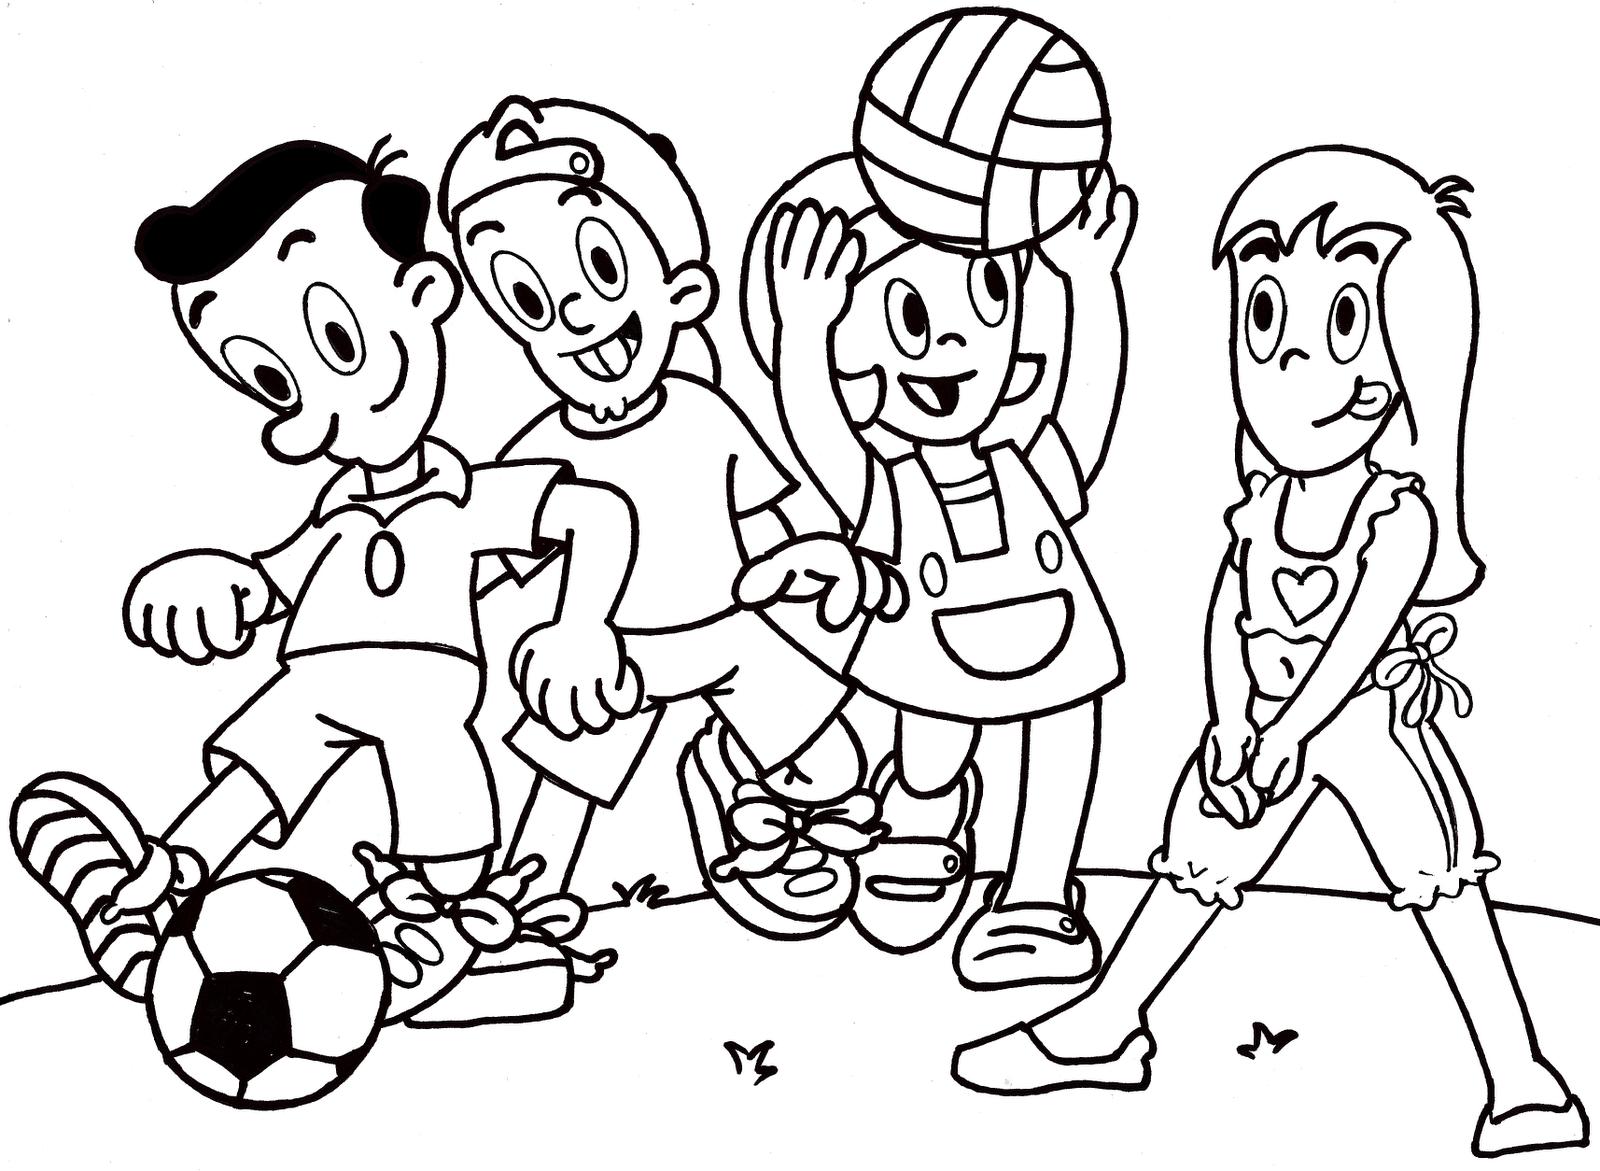 Portal Do Desenho, Mica E Amigos  Crianças Brincando